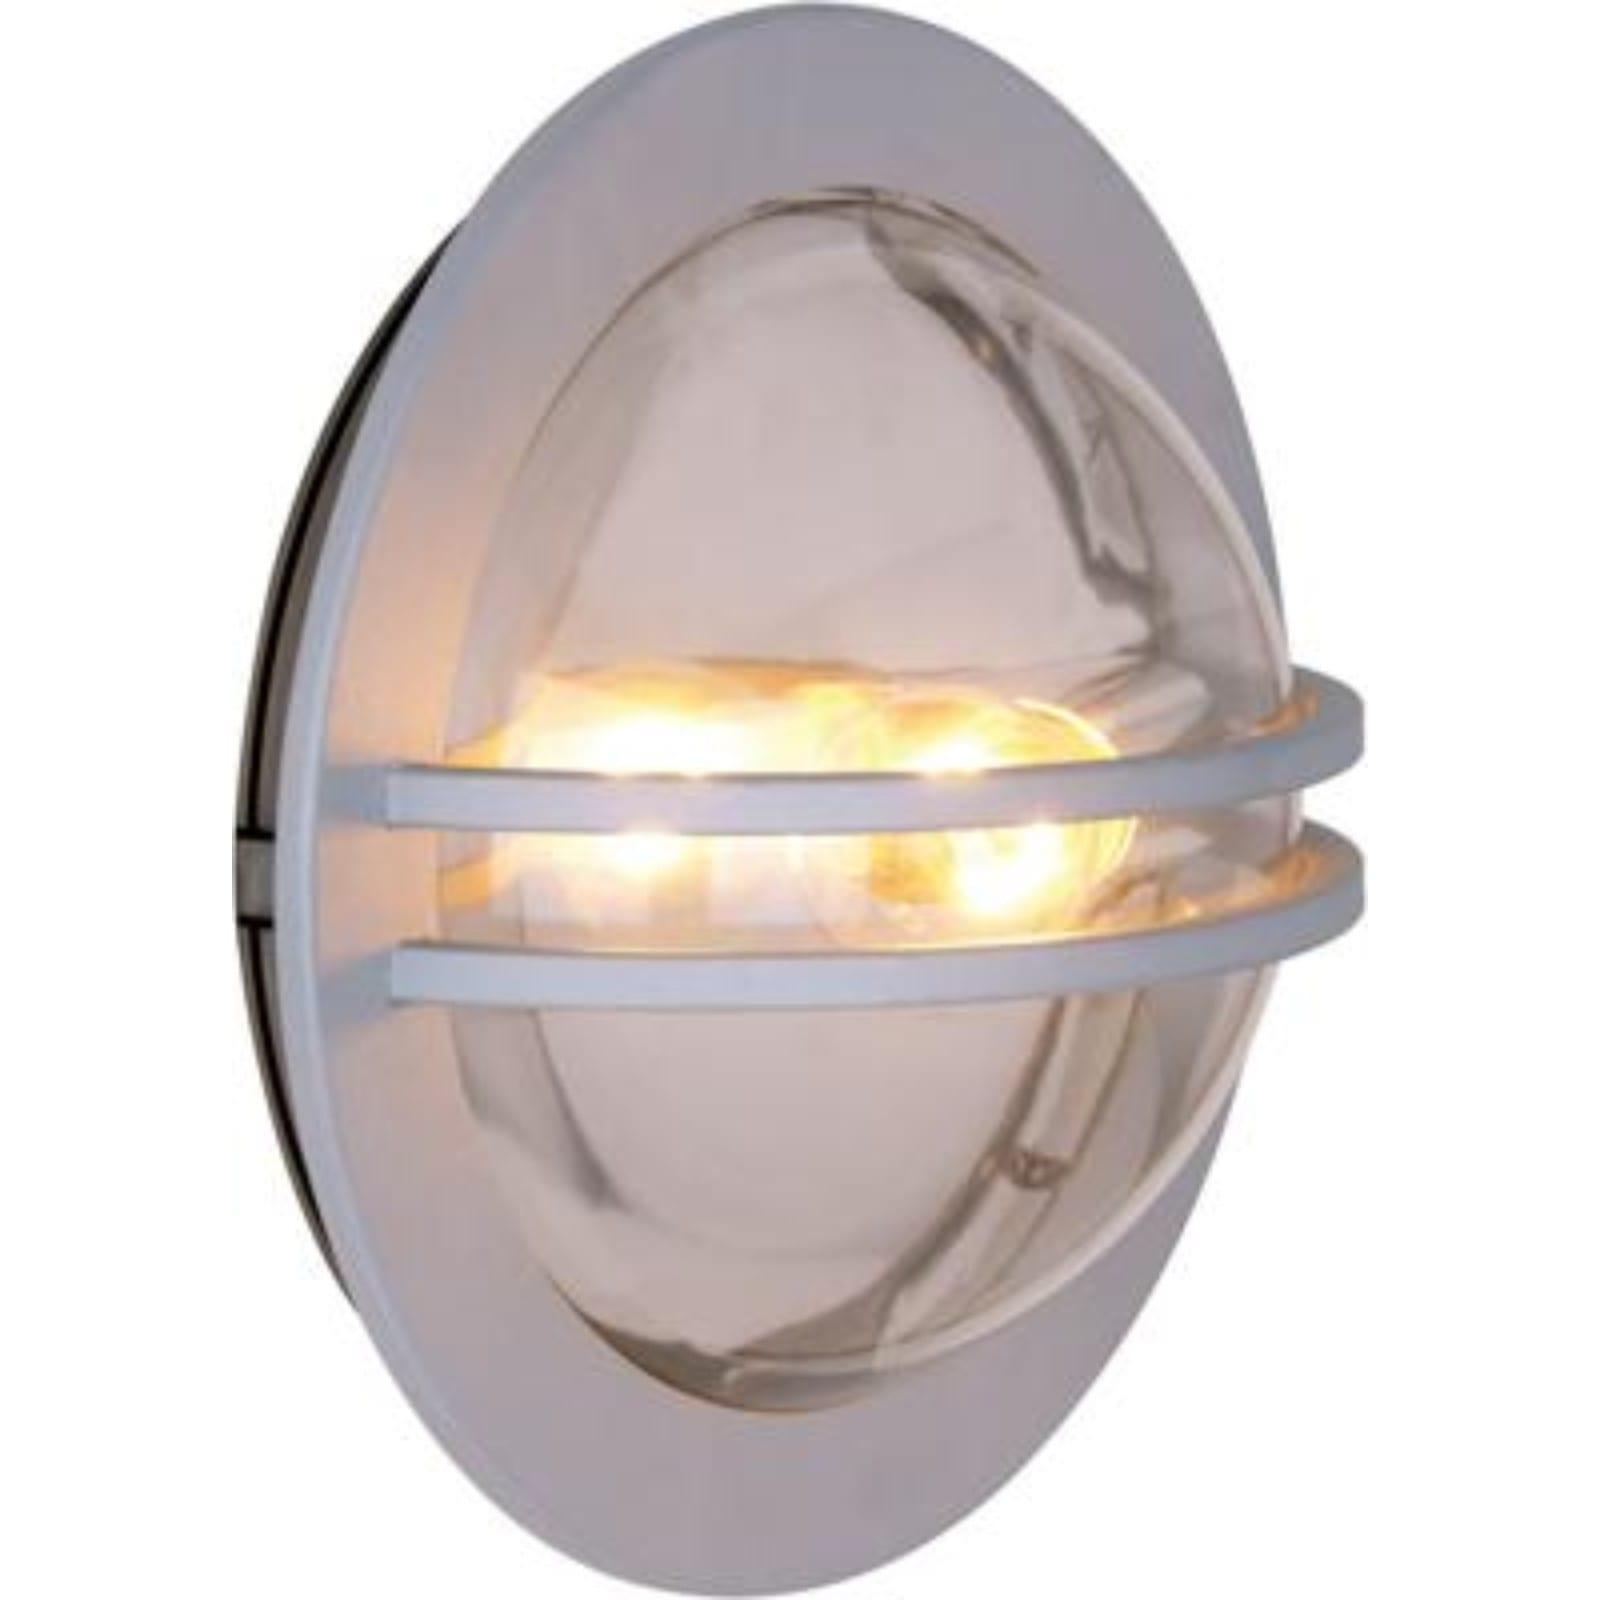 Landegode utelampe vegg/tak Grå 30 Cm